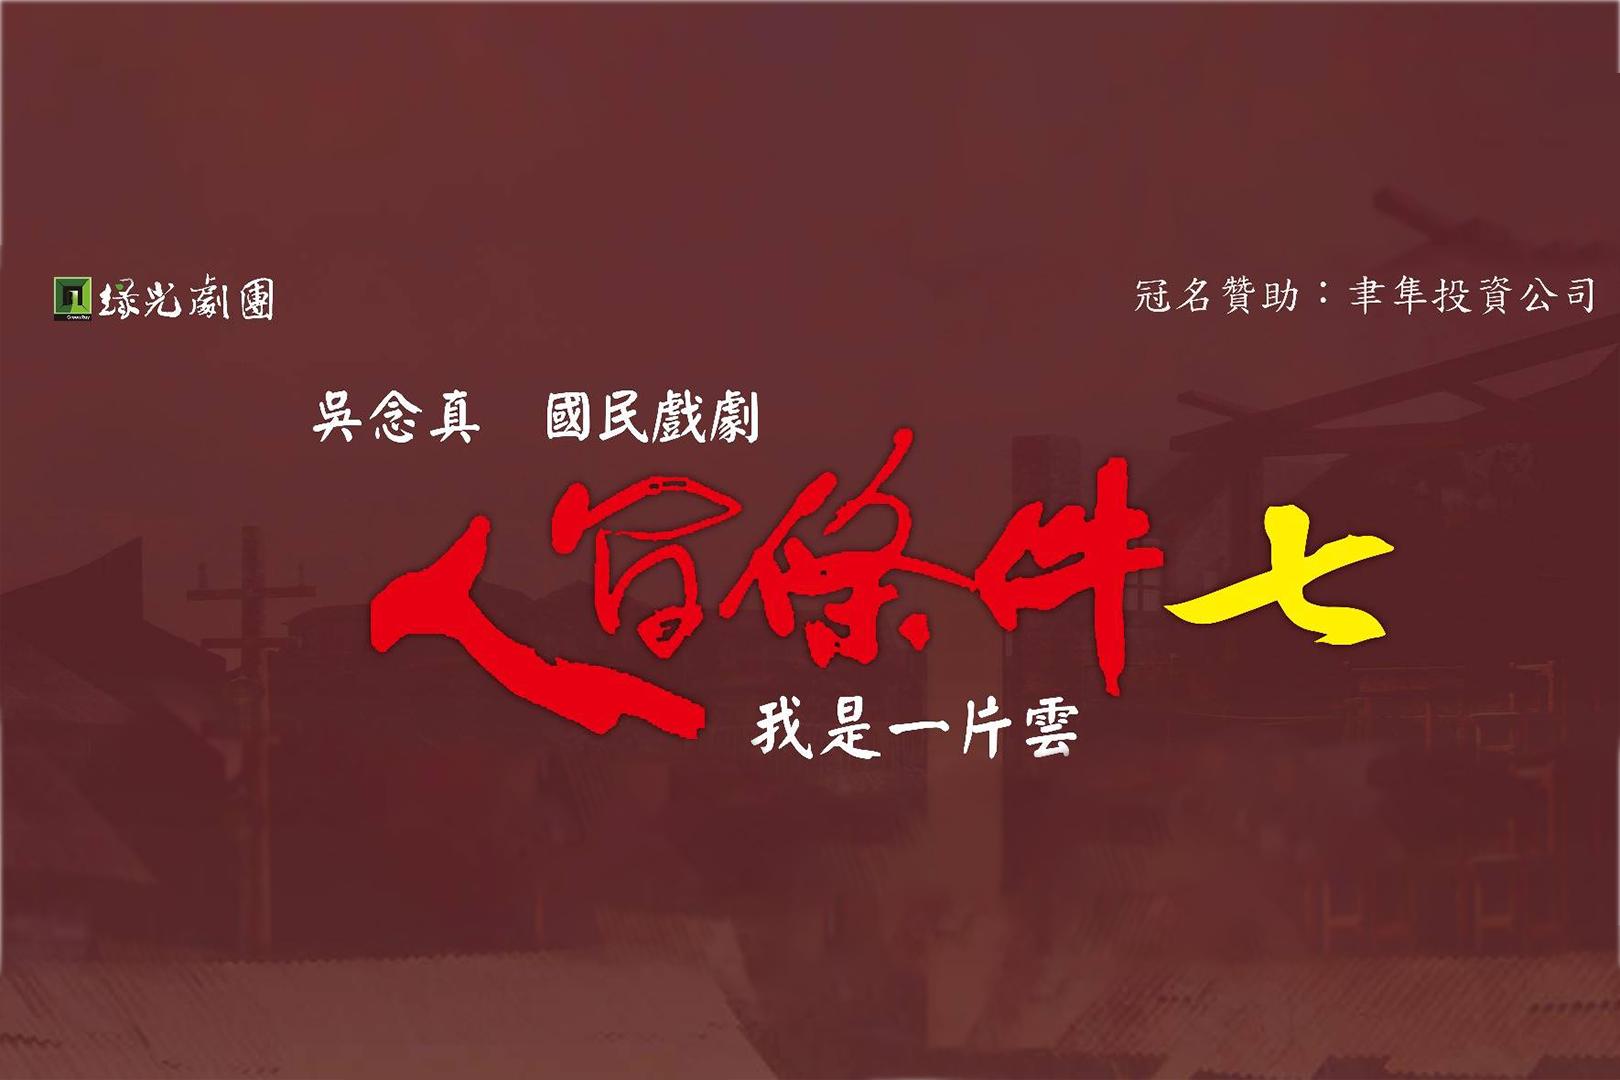 【綠光劇團《人間條件七》 0924-0926】